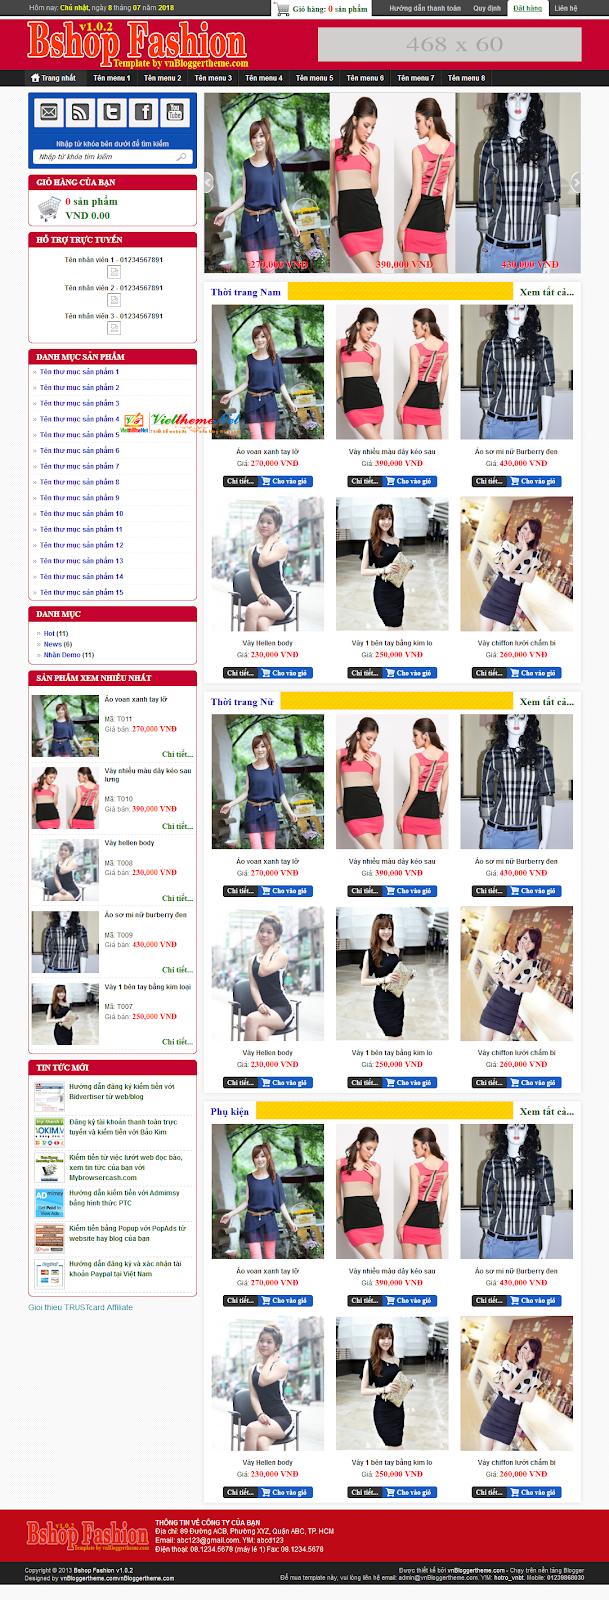 Bshop Fashion v1.0.2 - Giao diện bán hàng thời trang chuyên nghiệp